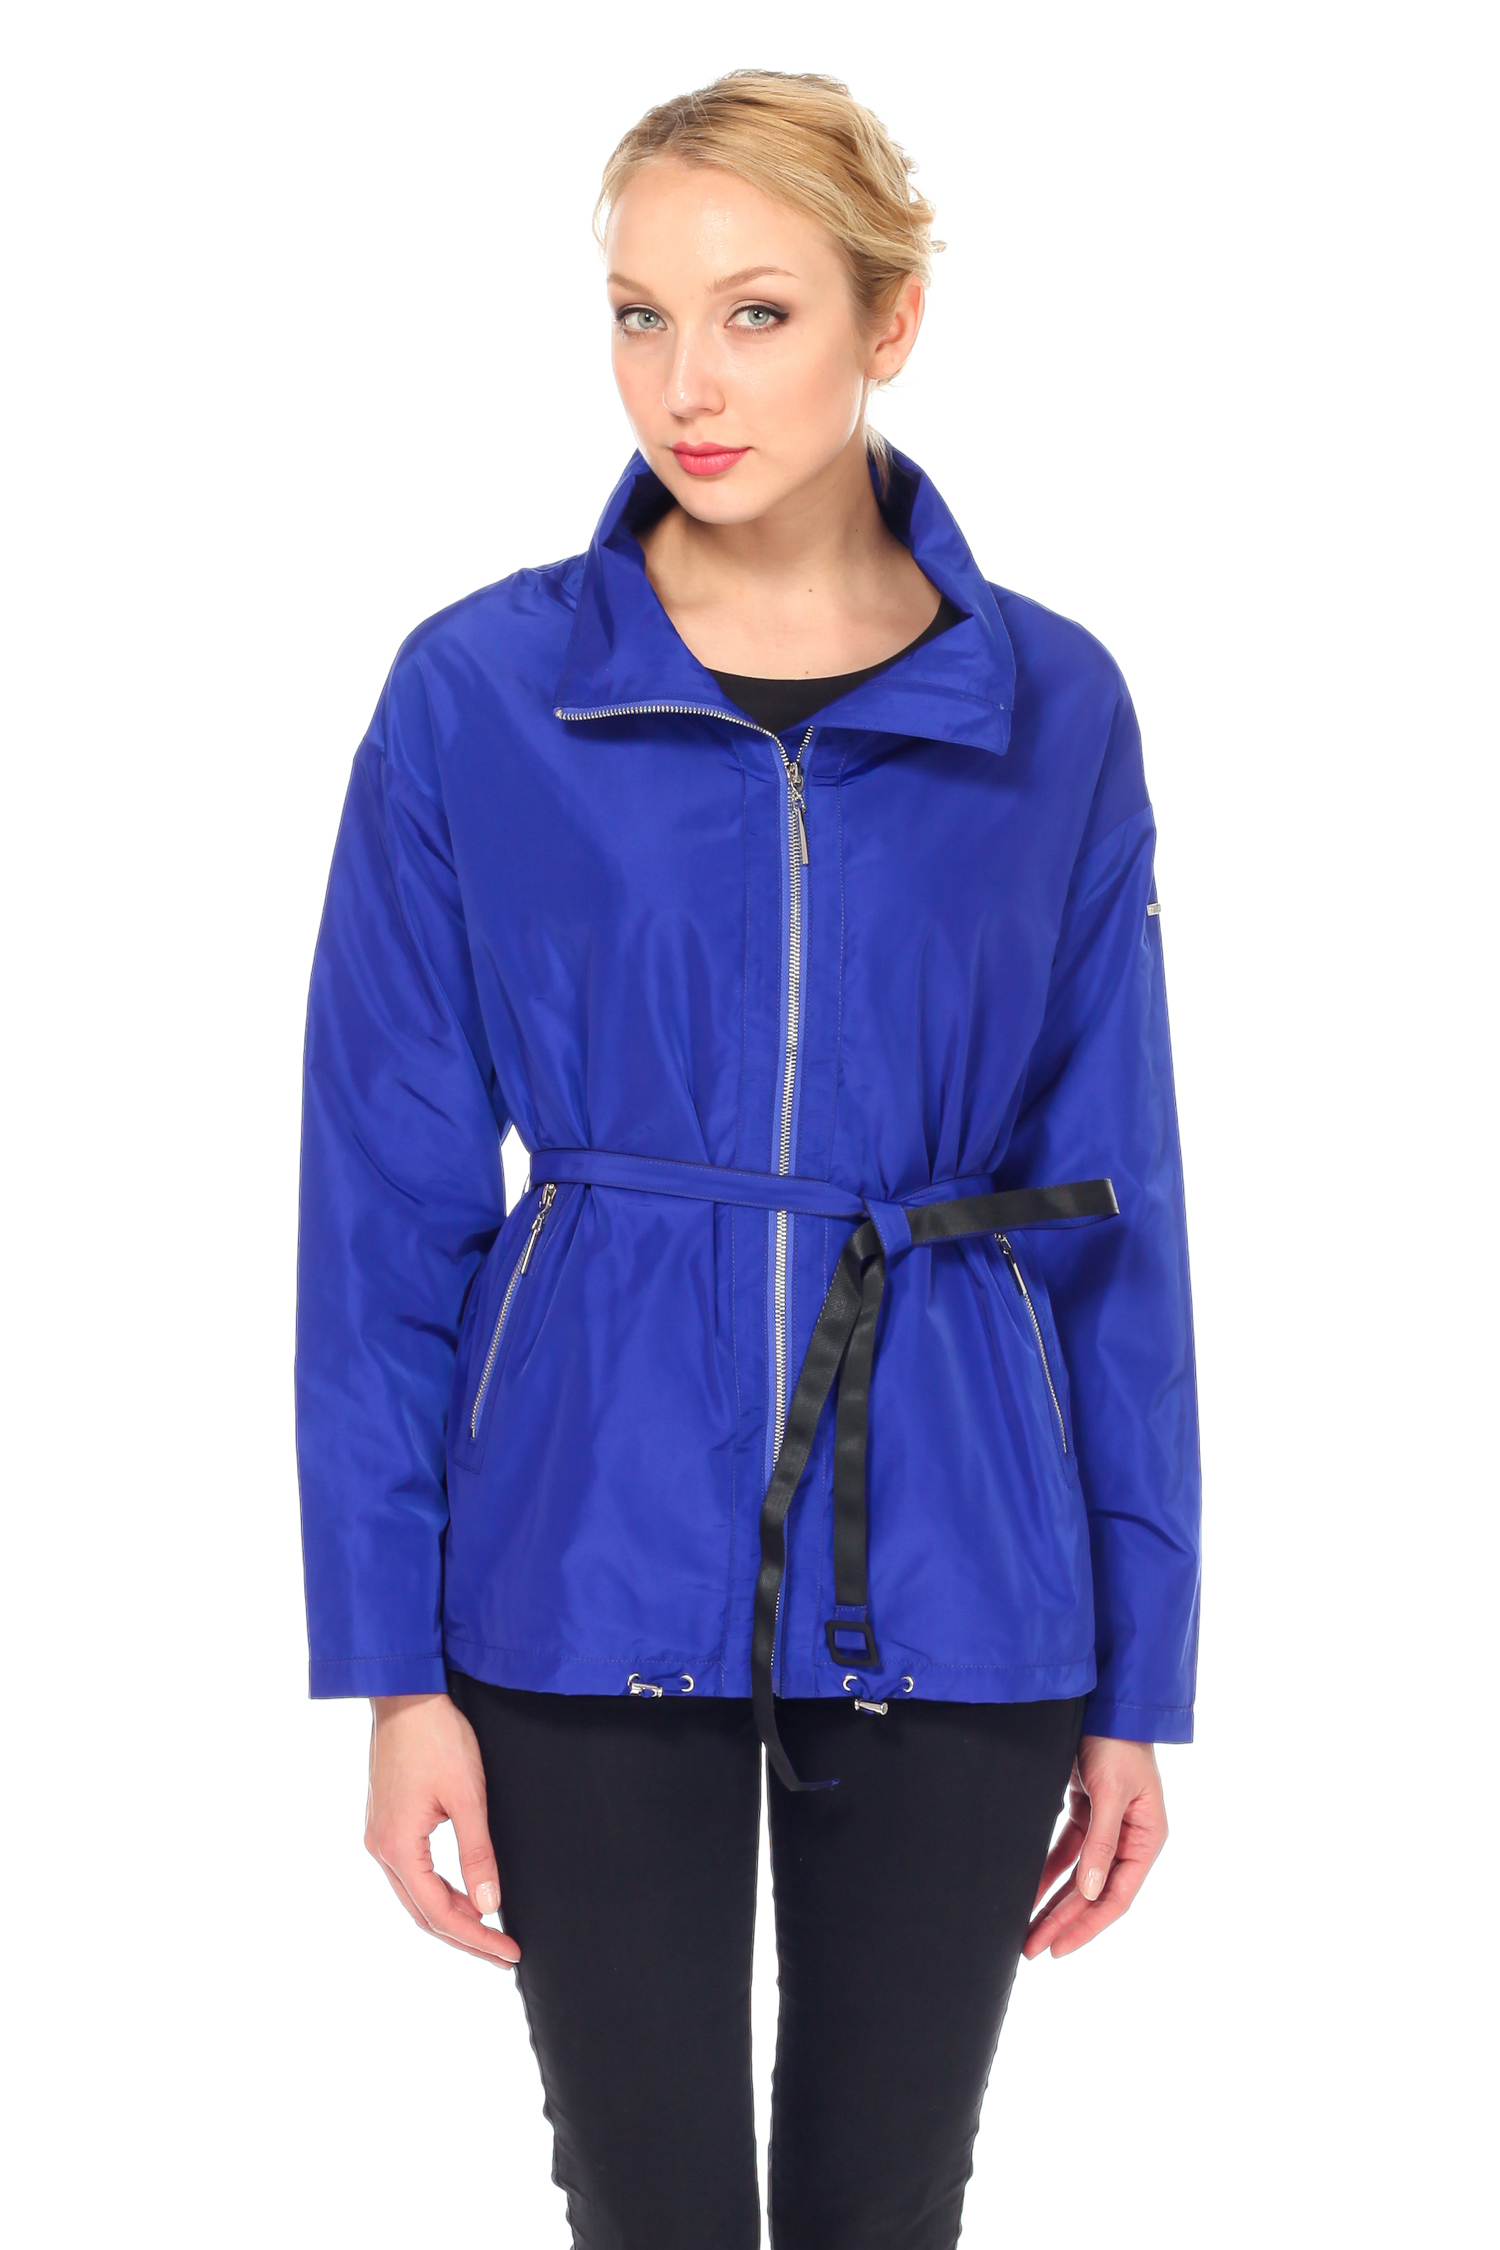 Куртка женская из текстиля с воротником, без отделки. Производитель: Московская Меховая Компания, артикул: 6665